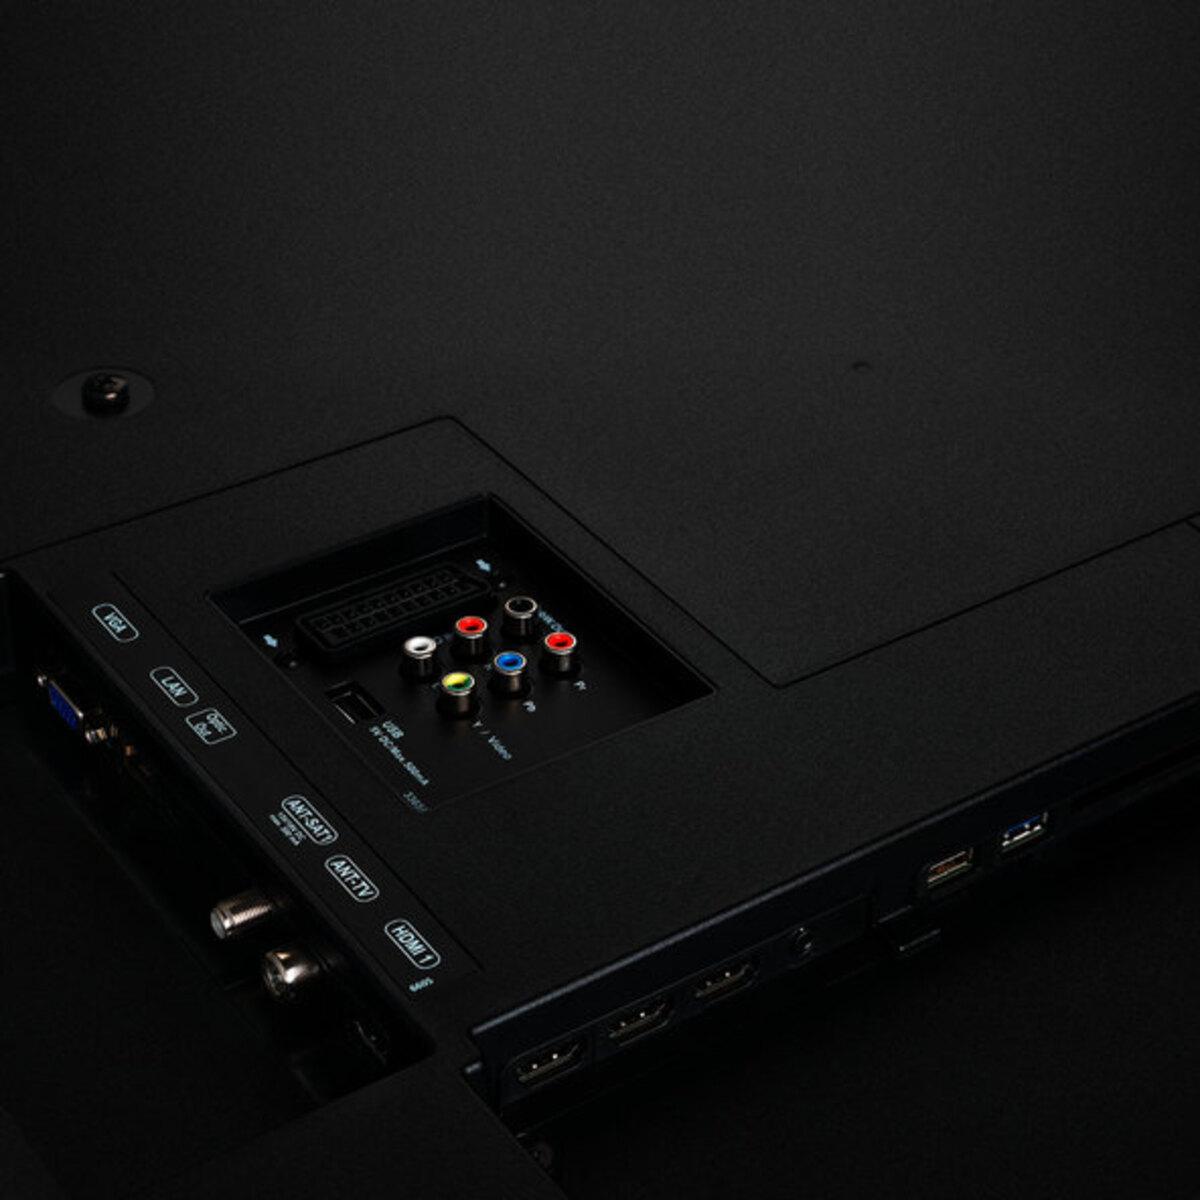 Bild 5 von UHD Smart-TV MEDION LIFE X16506, 163,8 cm (65 Zoll)